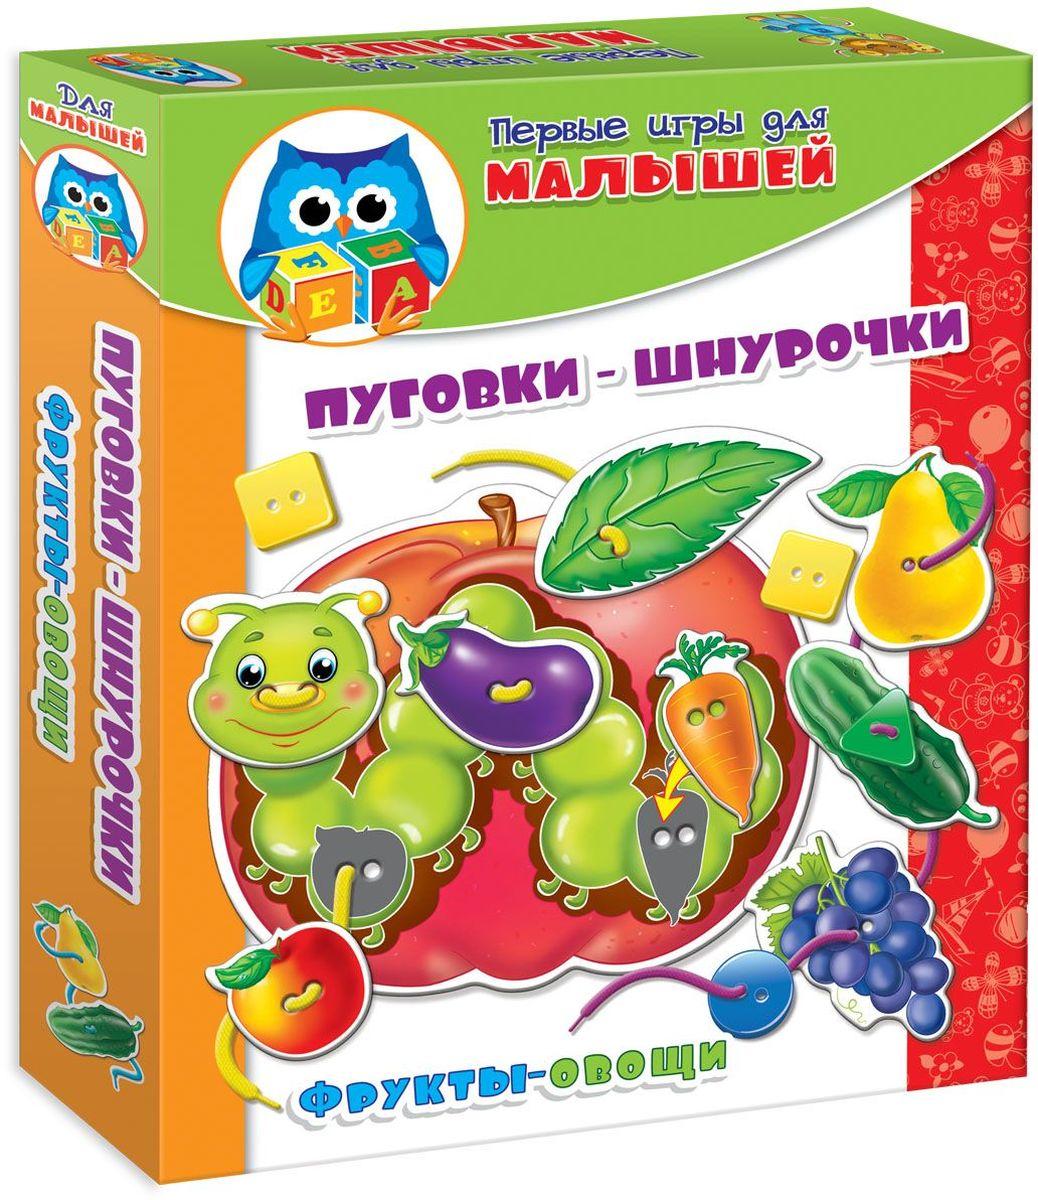 Vladi Toys Первые игры для малышей Фрукты-овощи vladi toys пазл для малышей ягоды фрукты 4 в 1